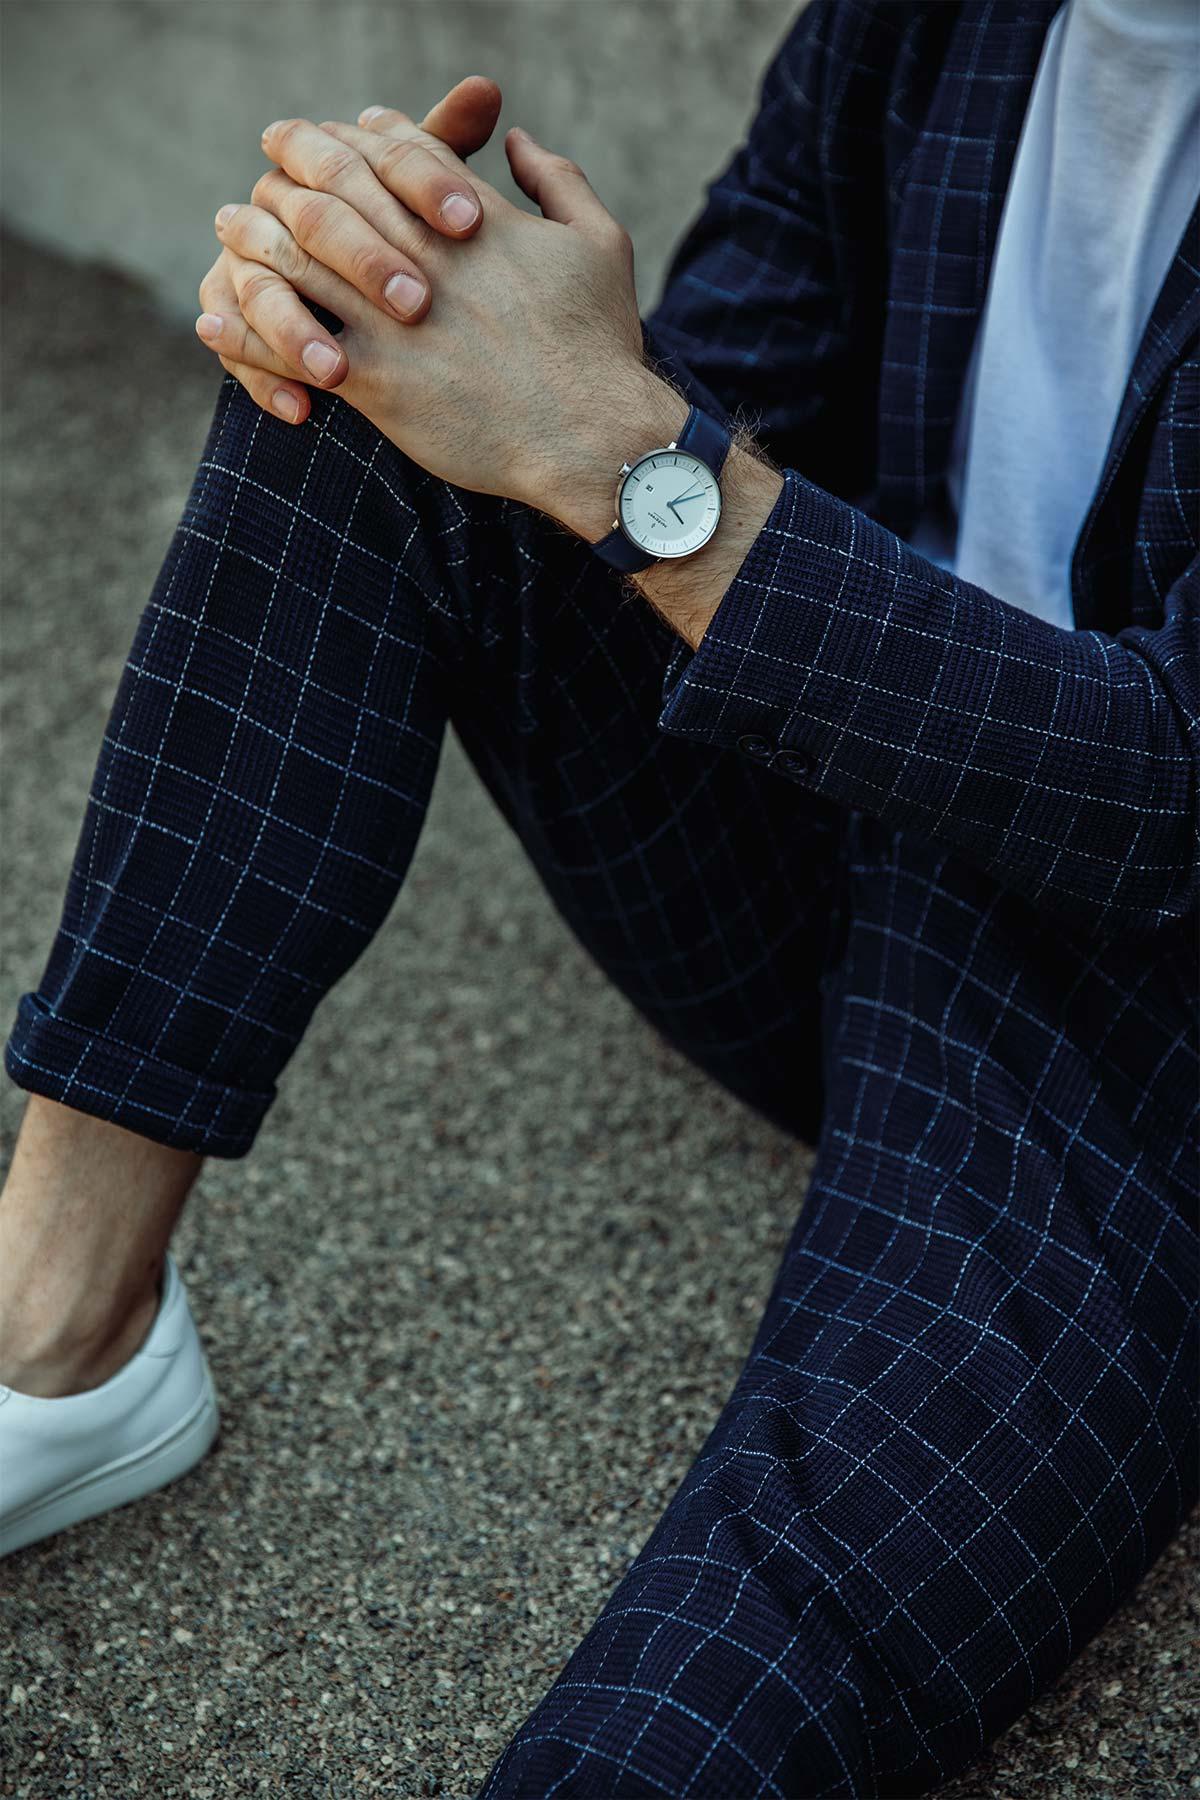 Mann-Anzug-Handgelenk-Uhr-Sitzen-Beton